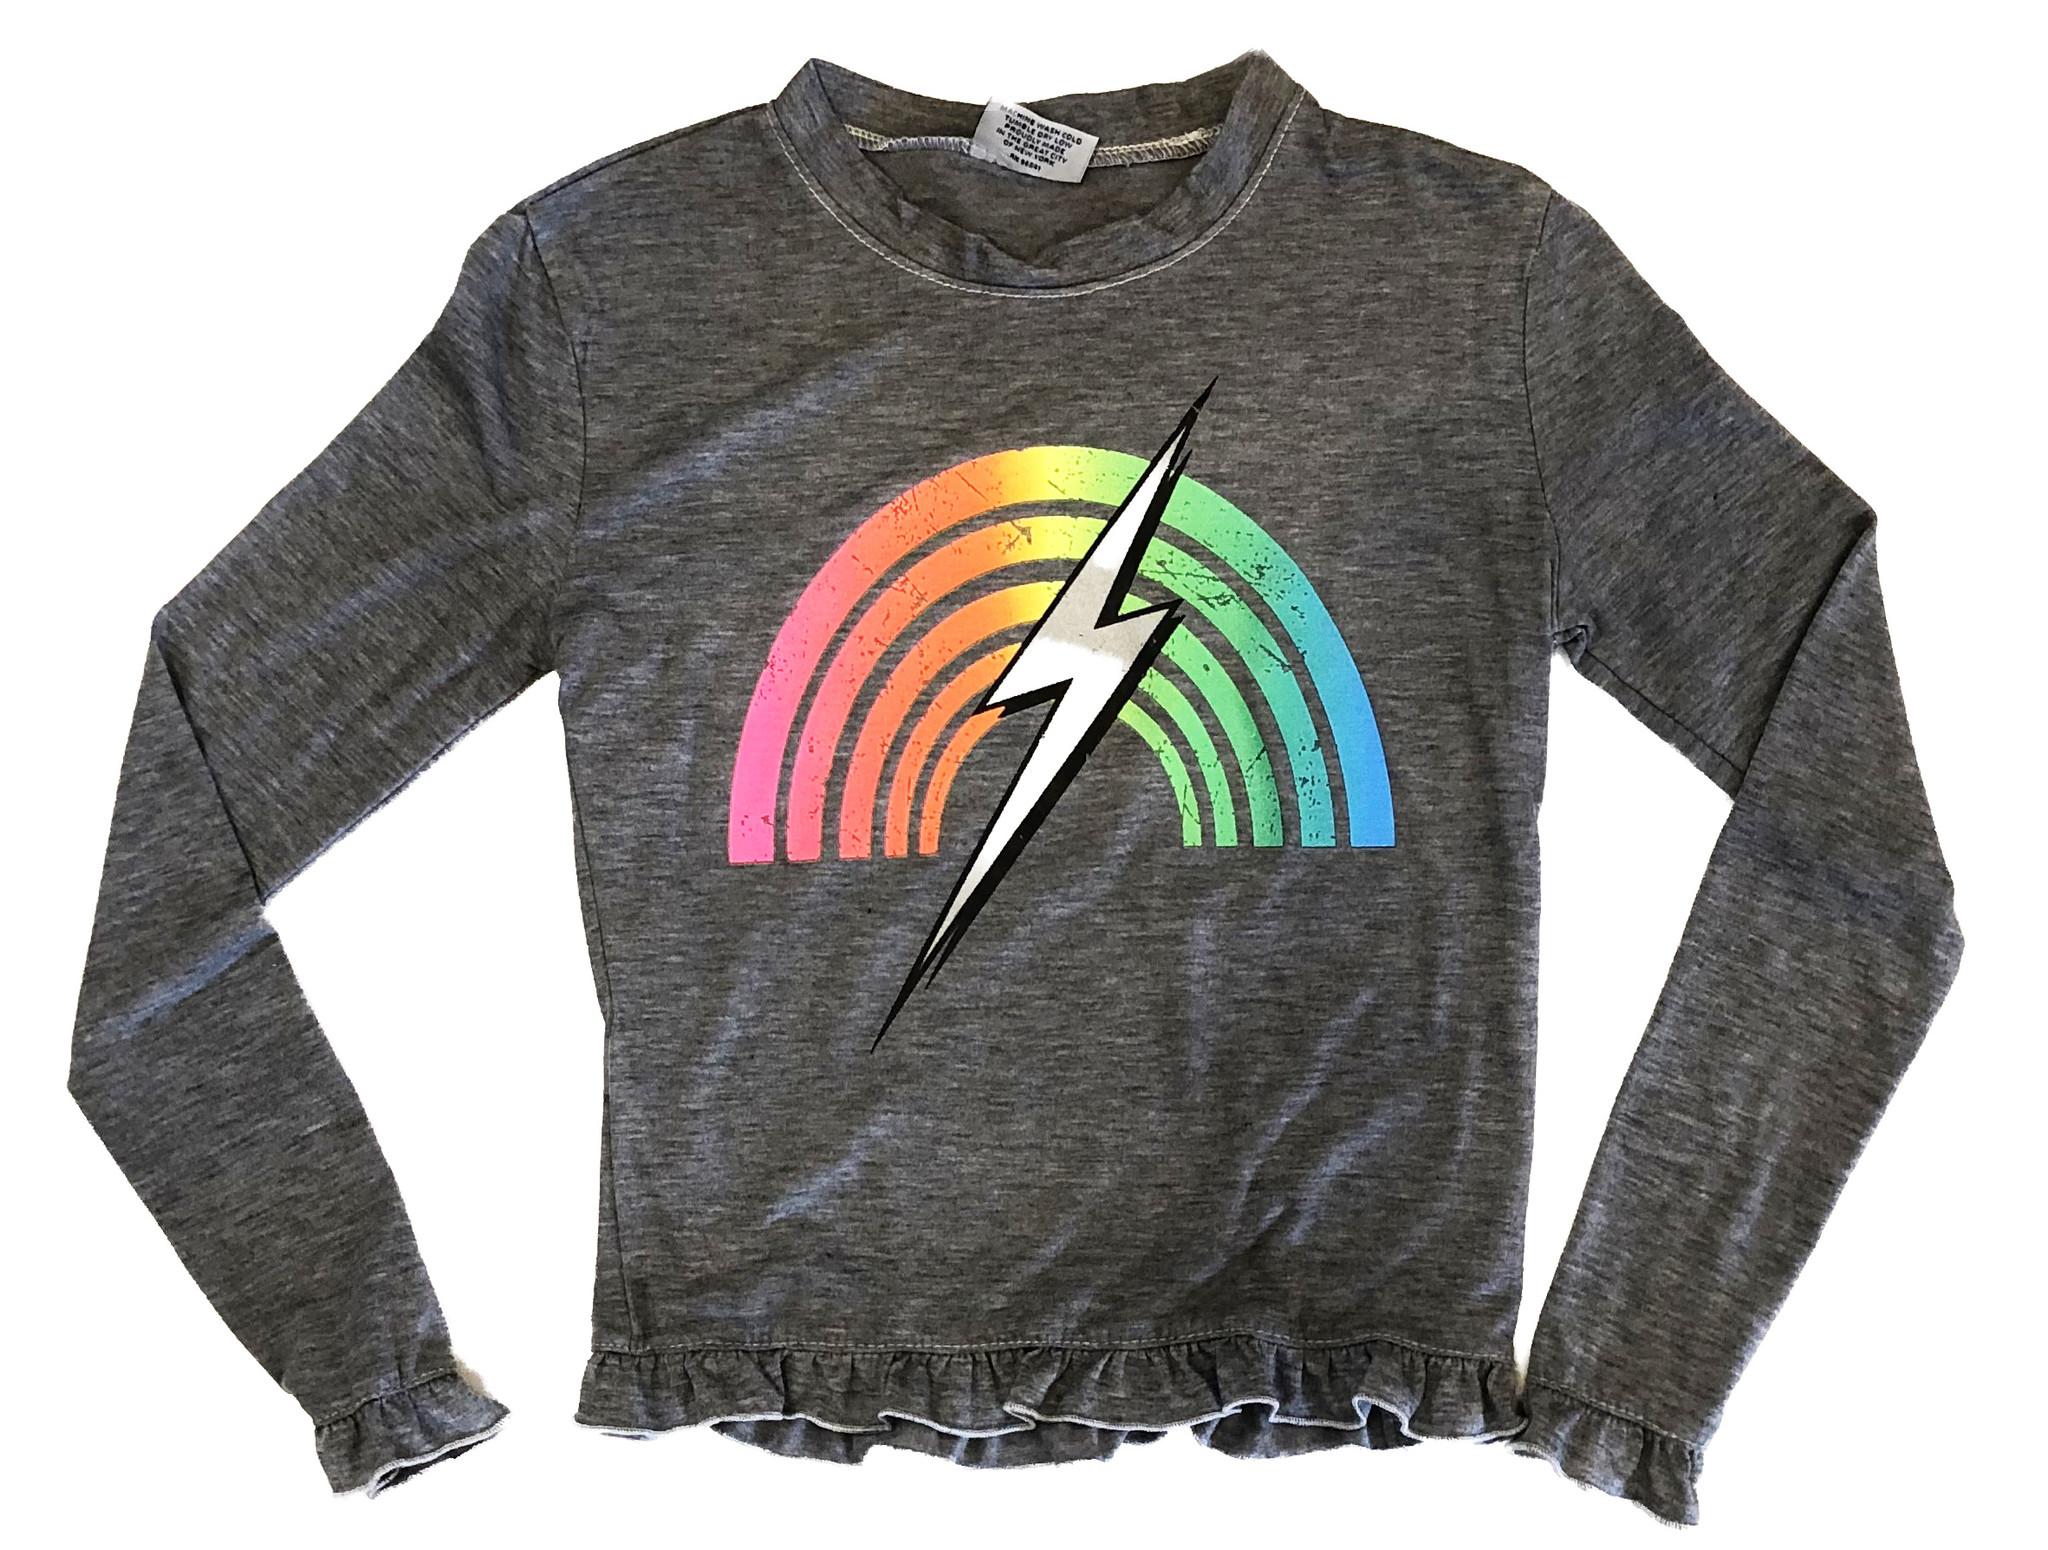 Firehouse Grey Rainbow Bolt Ruffle Top